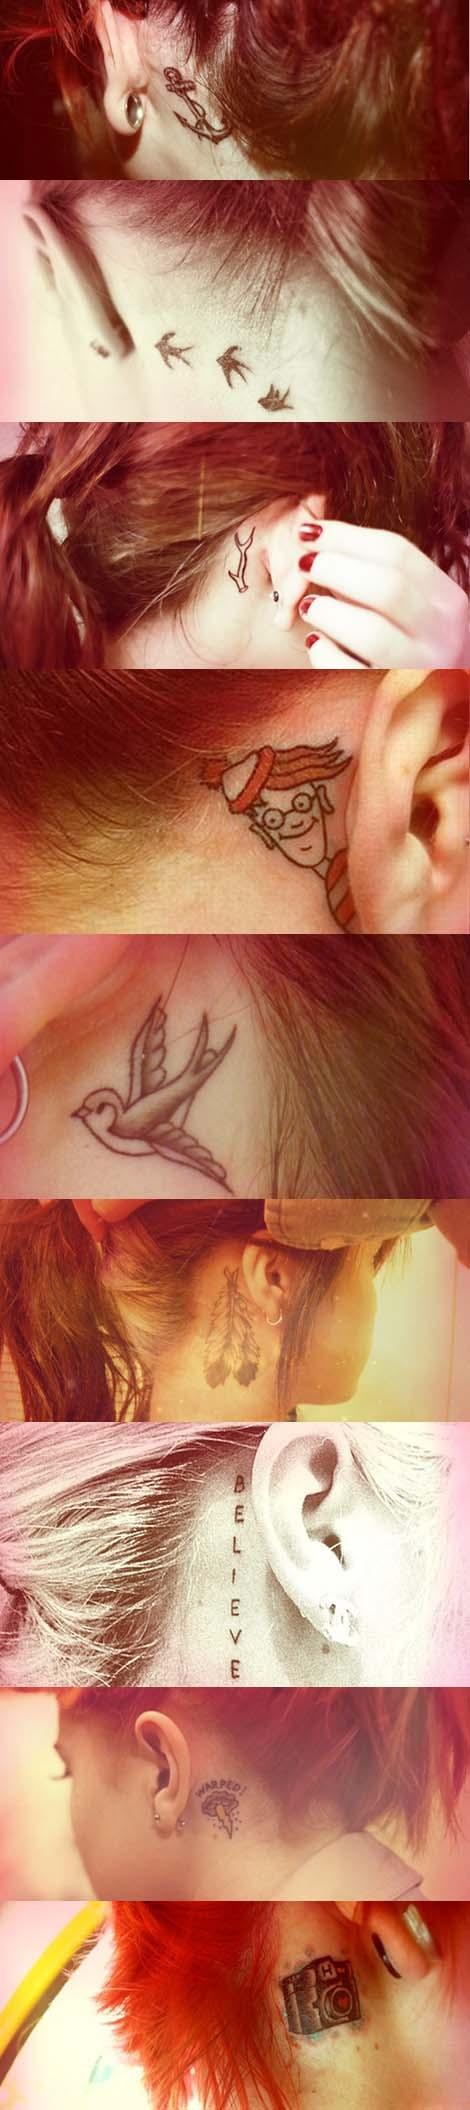 Detrás los tatuajes para los oídos. El ancla y una pluma es lo que estoy viendo.